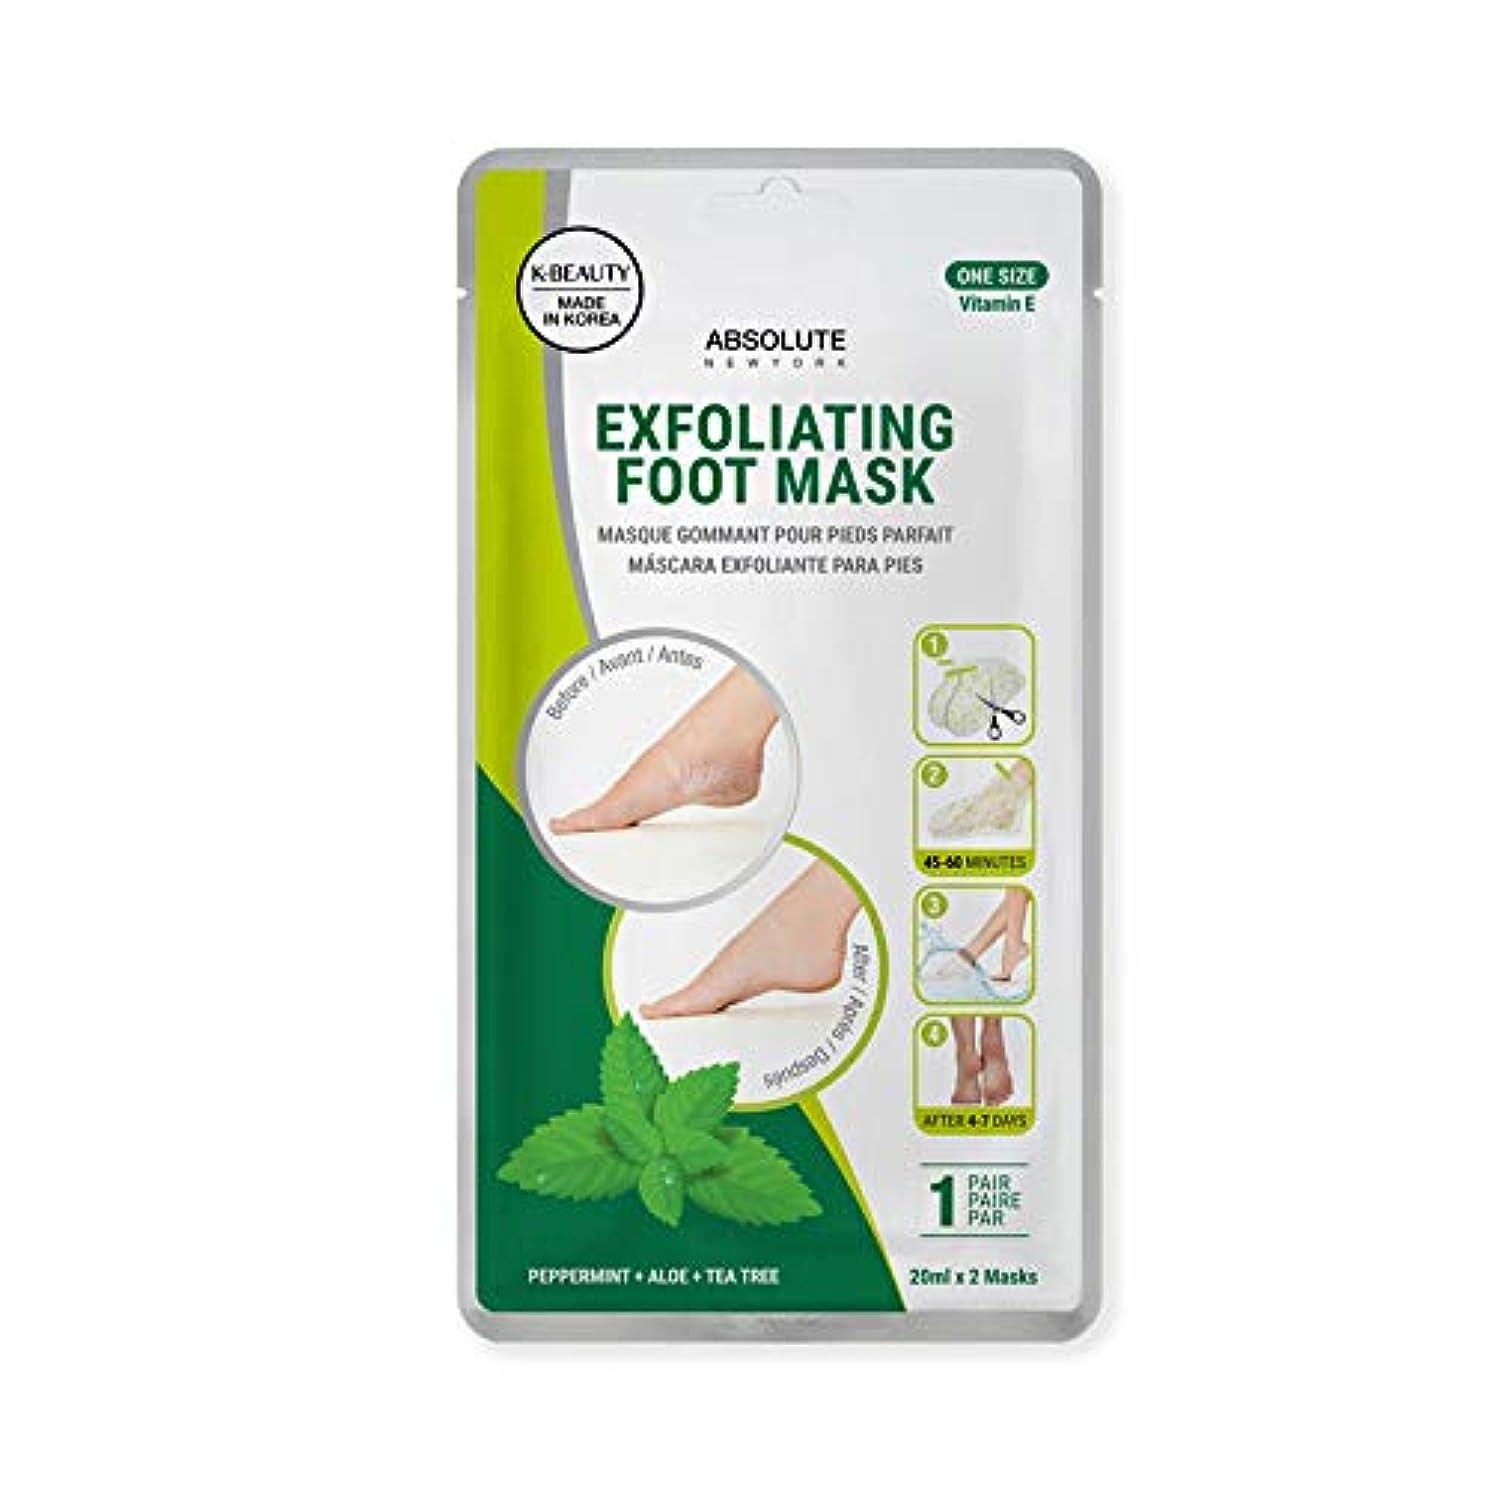 前置詞熟達した想定する(3 Pack) ABSOLUTE Exfoliating Foot Mask - Peppermint + Aloe + Tea Tree (並行輸入品)